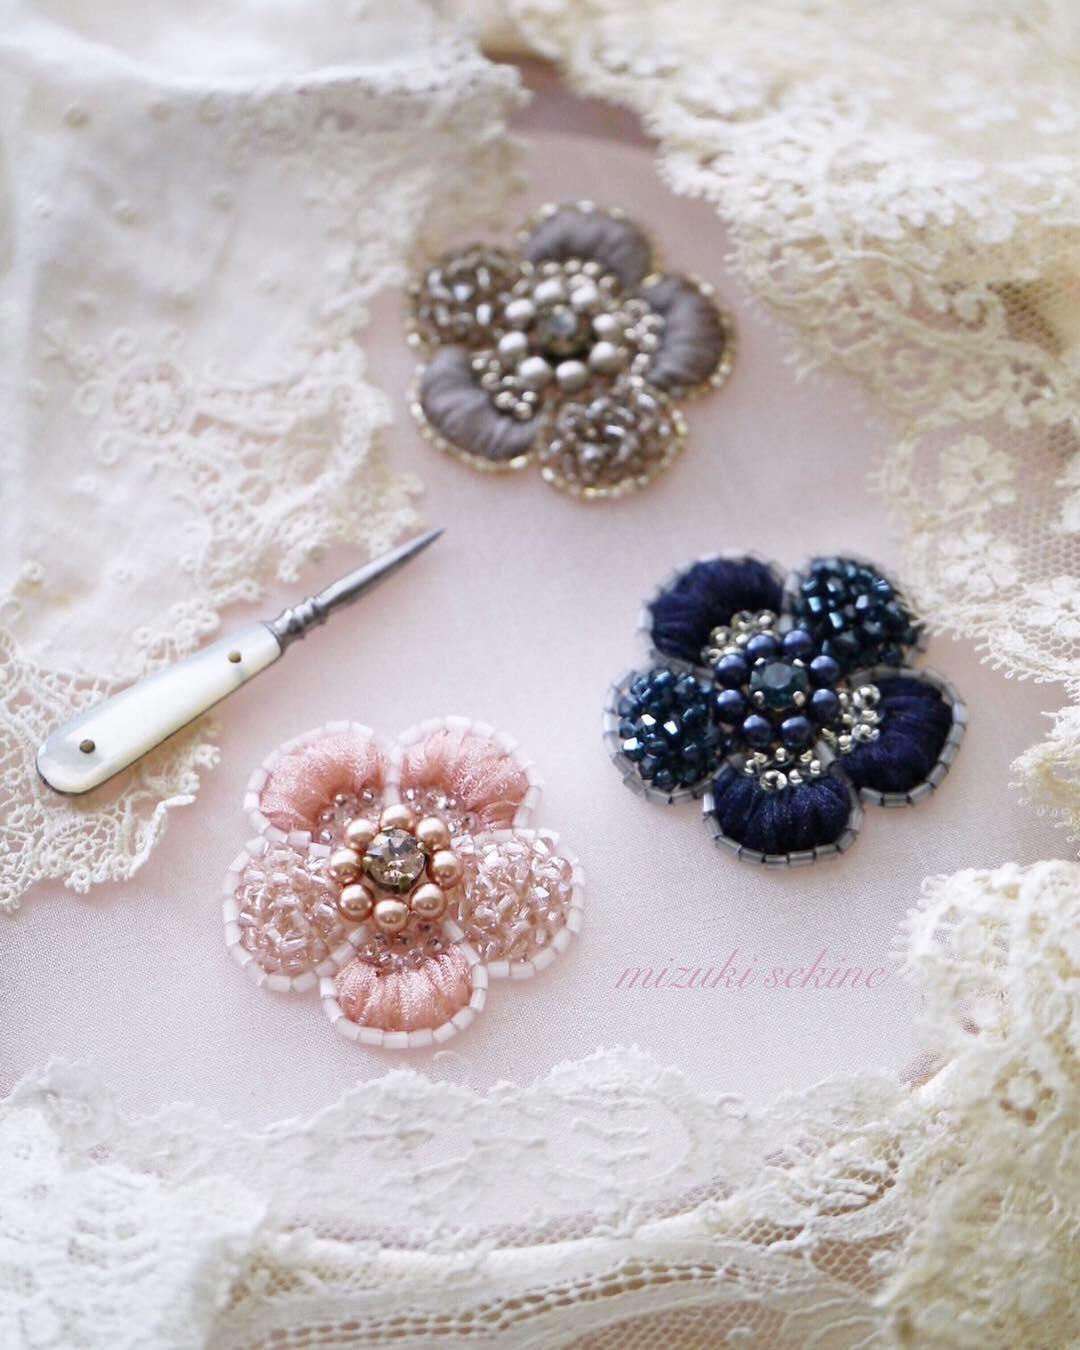 4:ビーズ刺繍